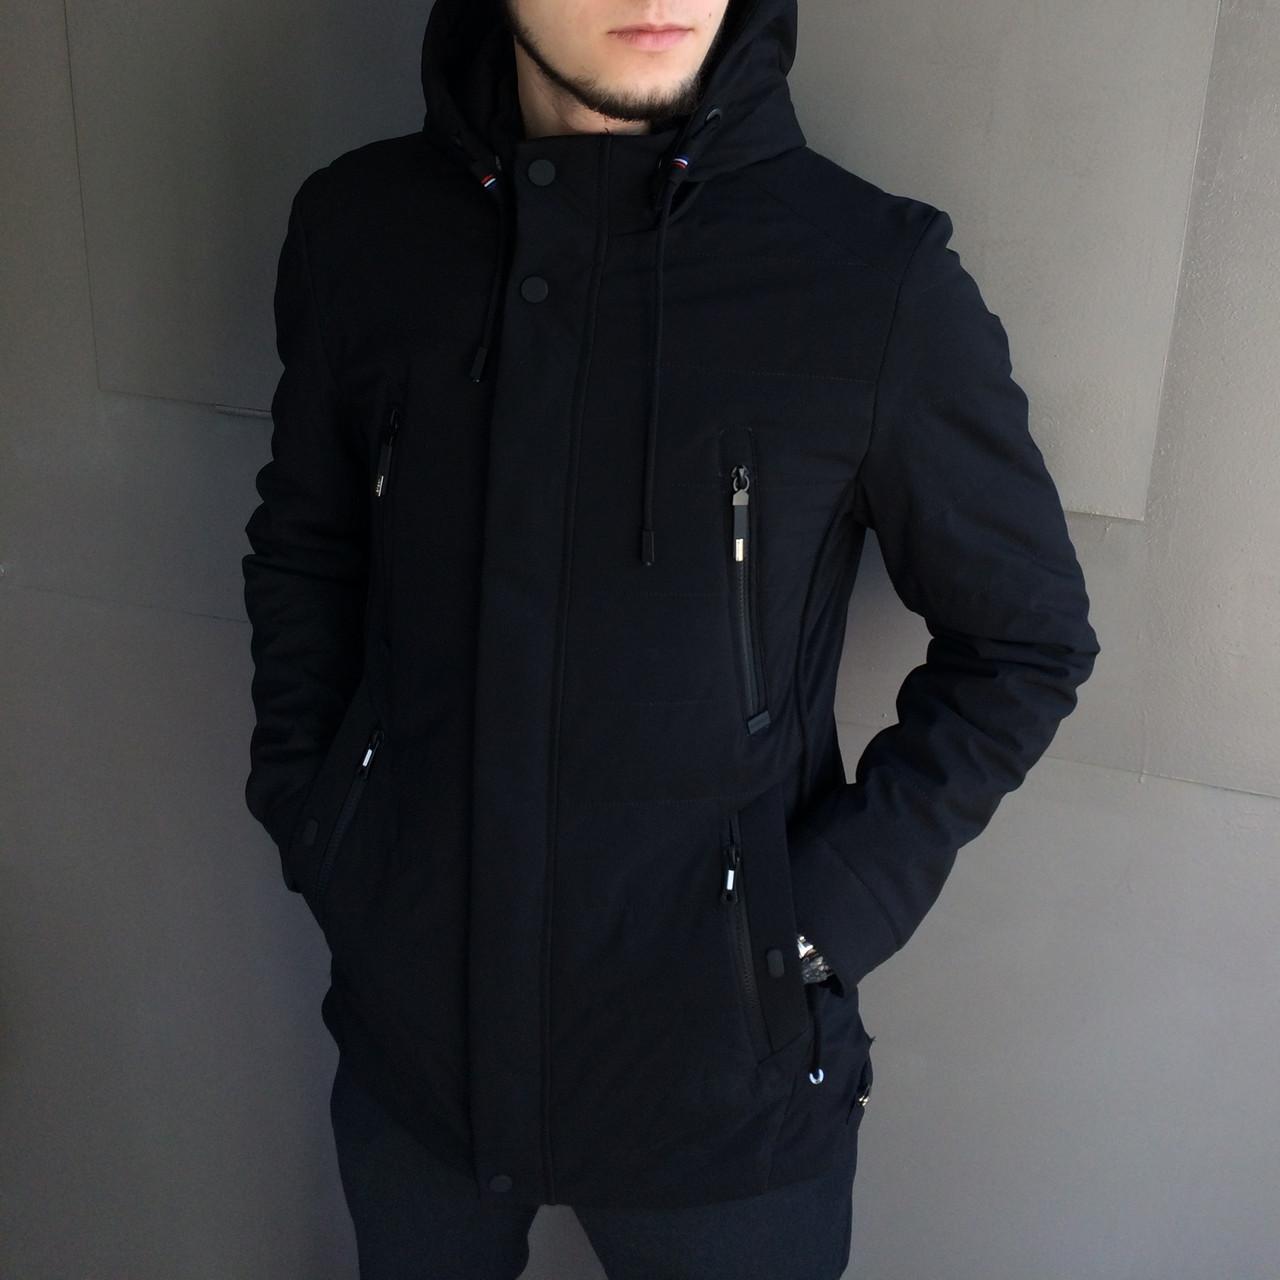 197d7c8c Мужская демисезонная куртка Boos Jack, цена 1 655 грн., купить в Кривом  Роге — Prom.ua (ID#783855488)